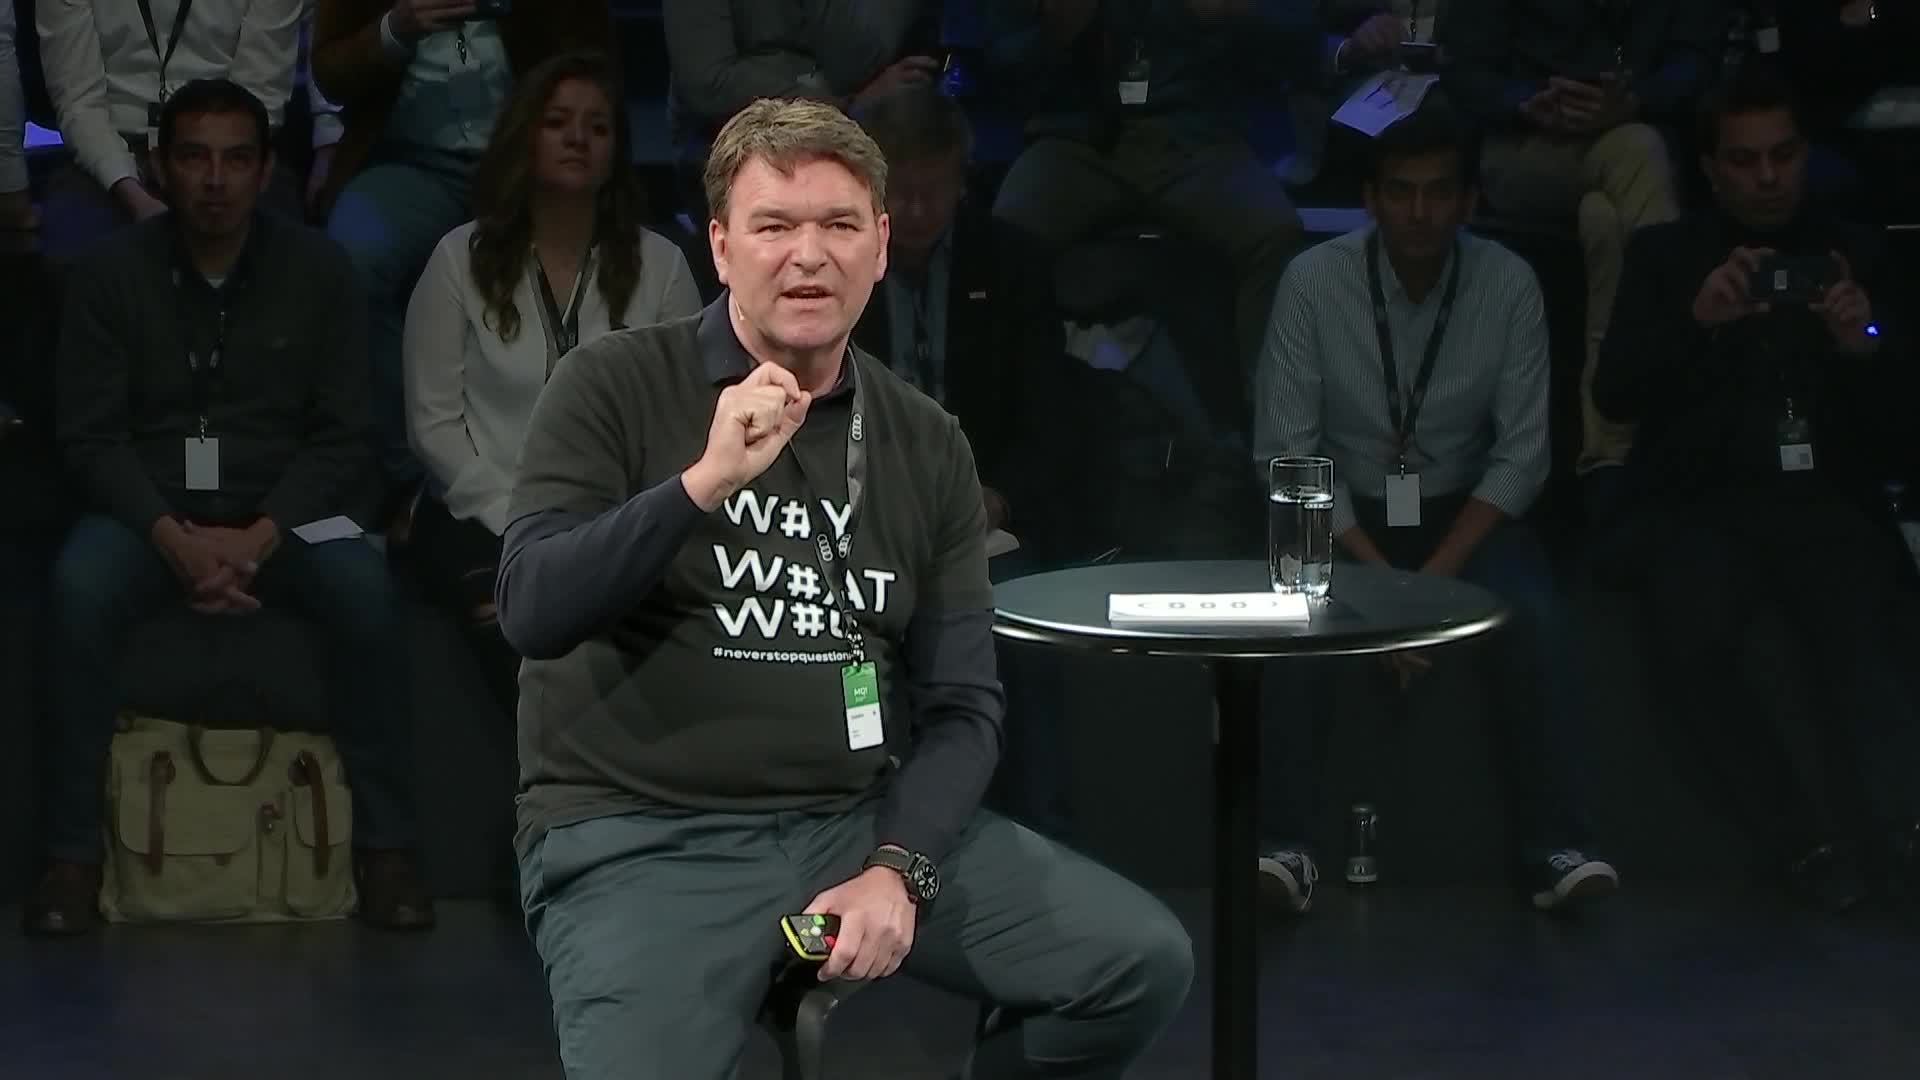 Zeit für Reflektion: Bram Schot spricht beim Audi MQ! Innovation Summit